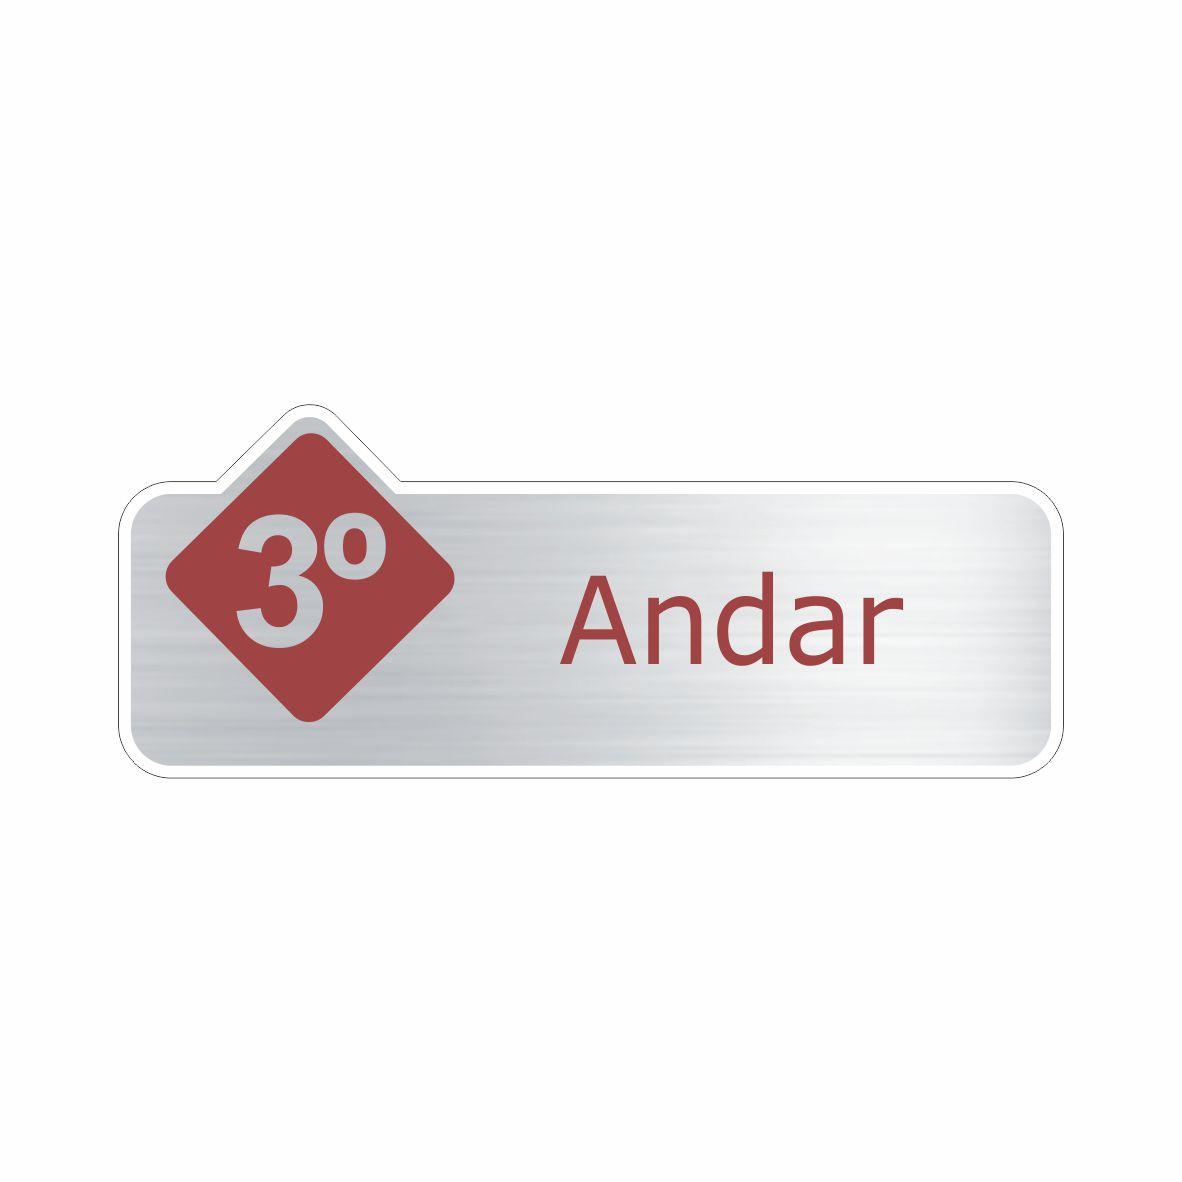 3º Andar  - Towbar Sinalização de Segurança